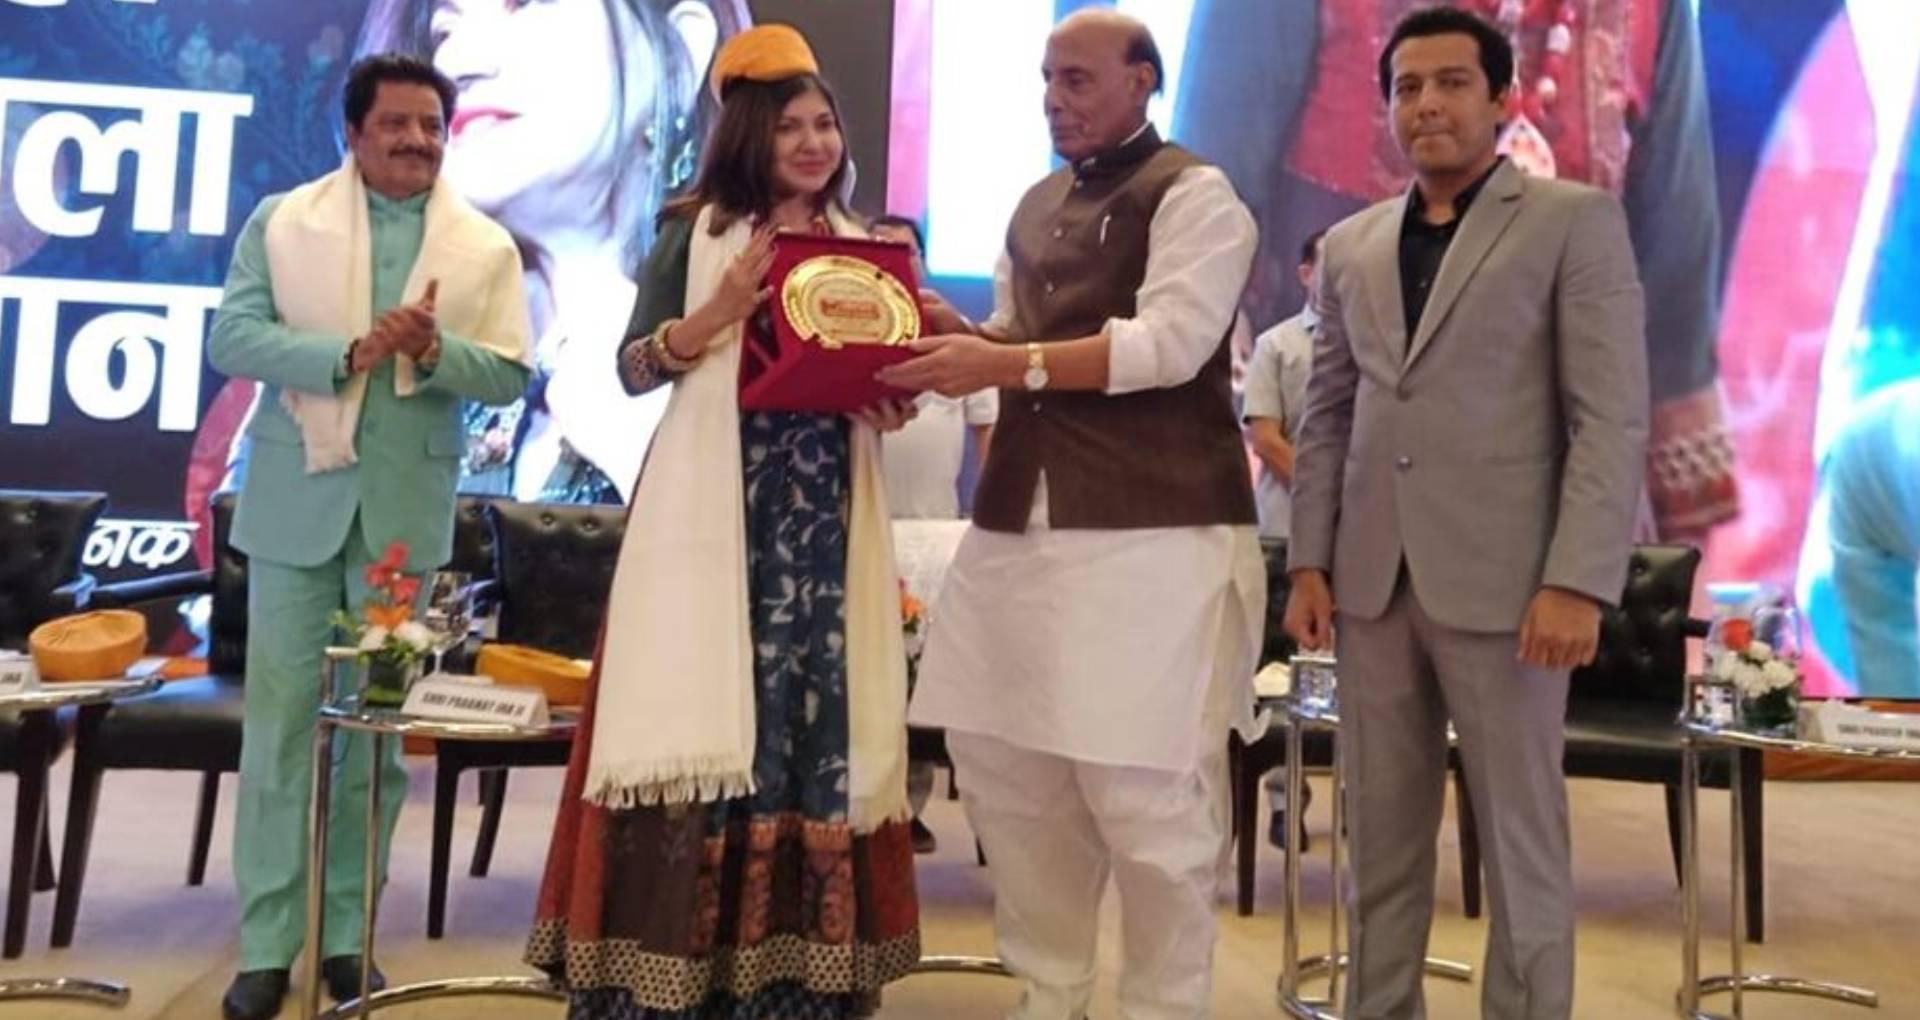 अलका याग्निक को रक्षा मंत्री राजनाथ सिंह ने दिया ये बड़ा सम्मान, बैकग्राउंड सिंगर ने बताई अवार्ड मिलने की वजह